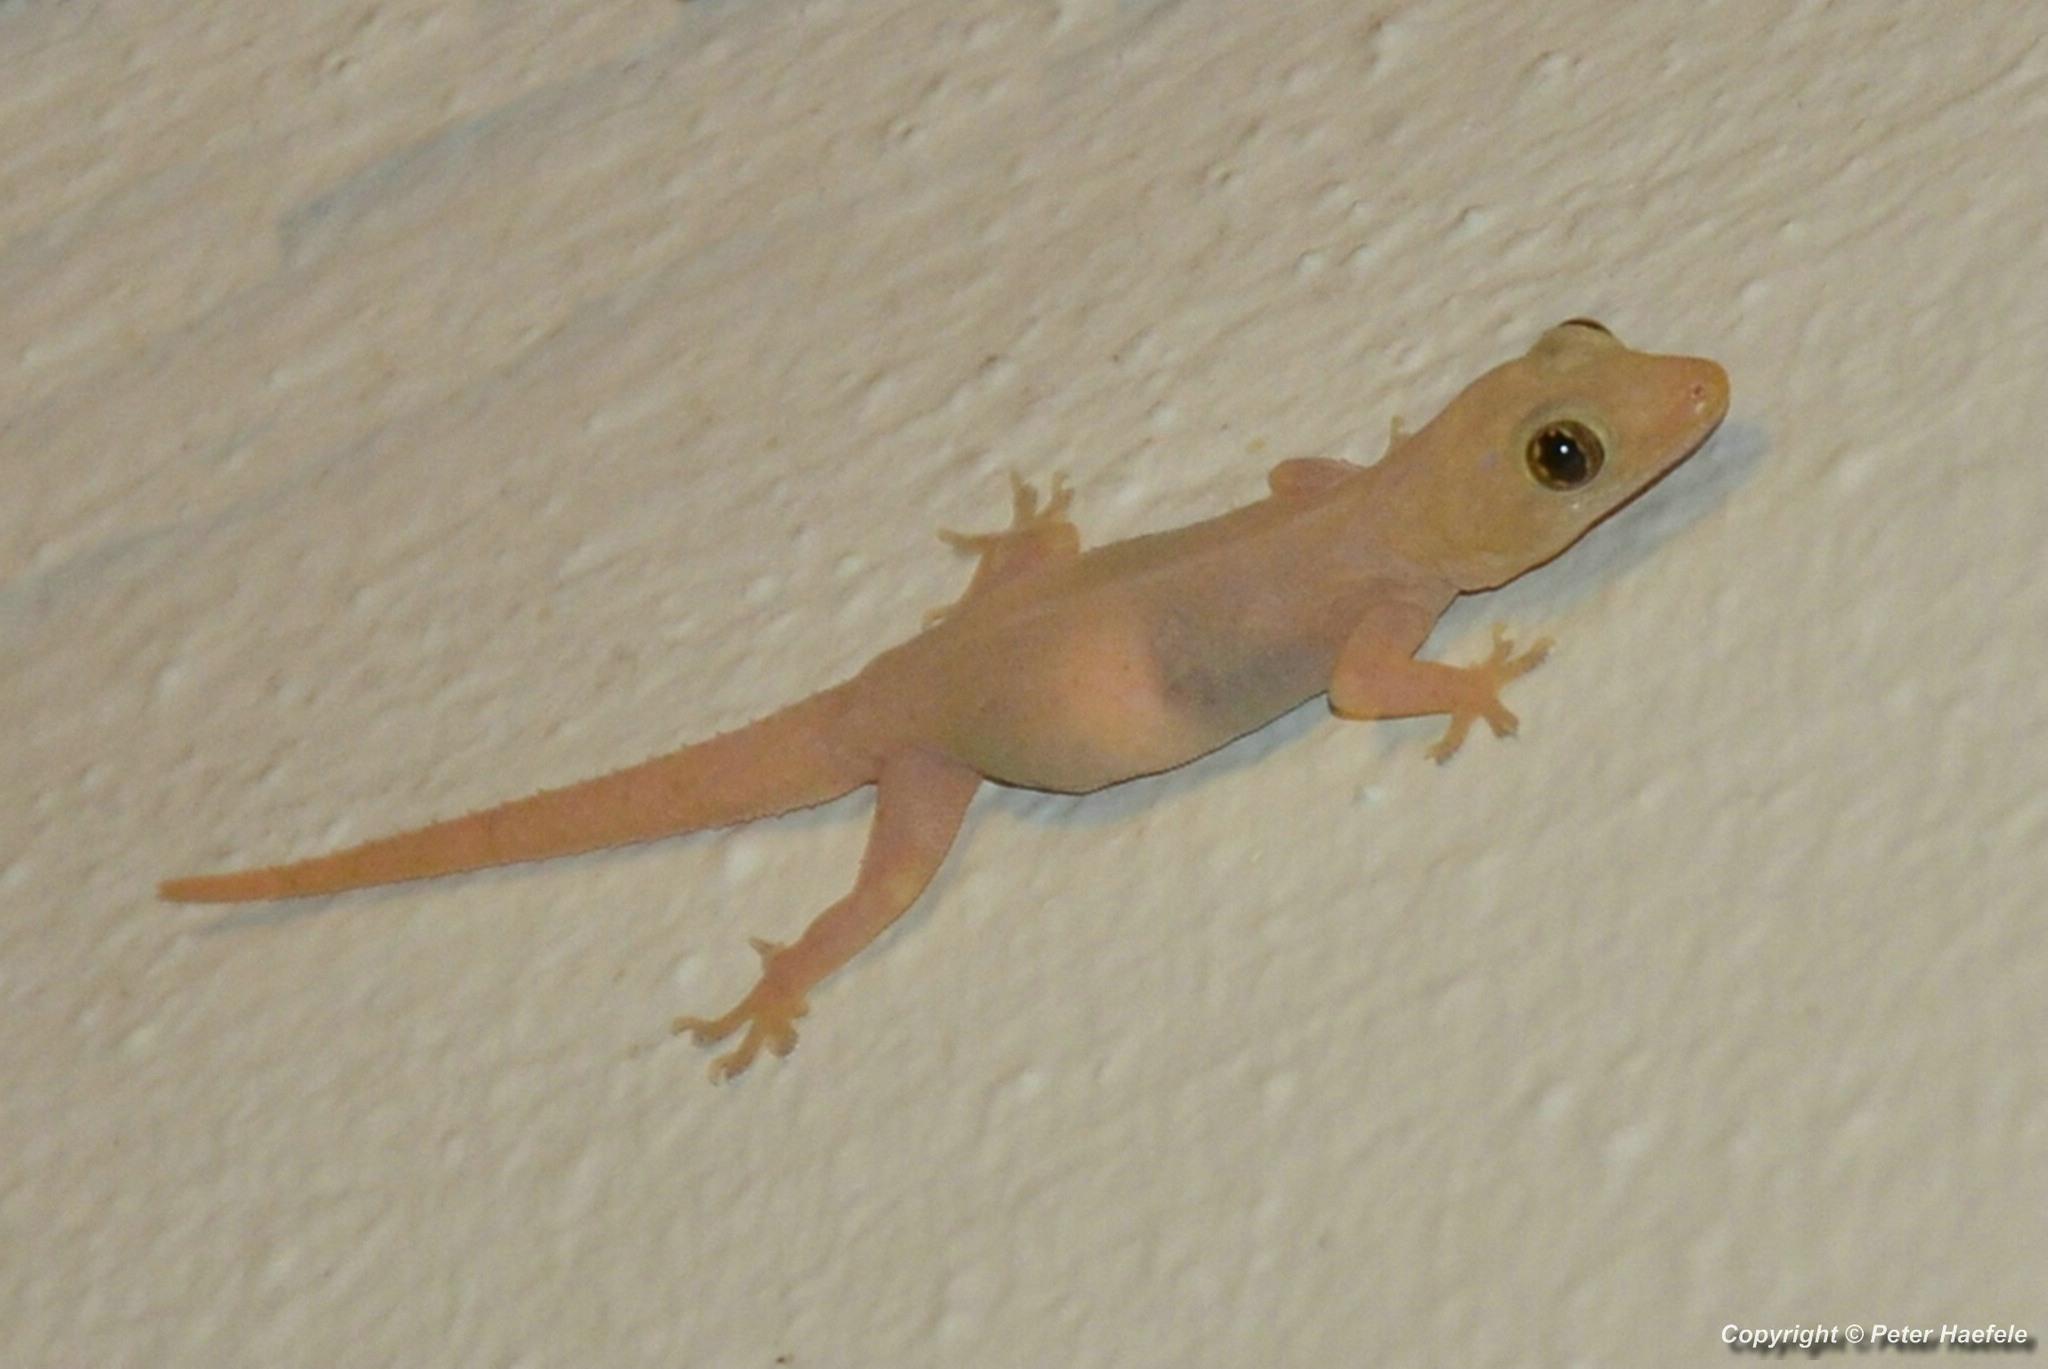 Asiatischer Hausgecko (Hemidactylus frenatus) Sun Island - Malediven